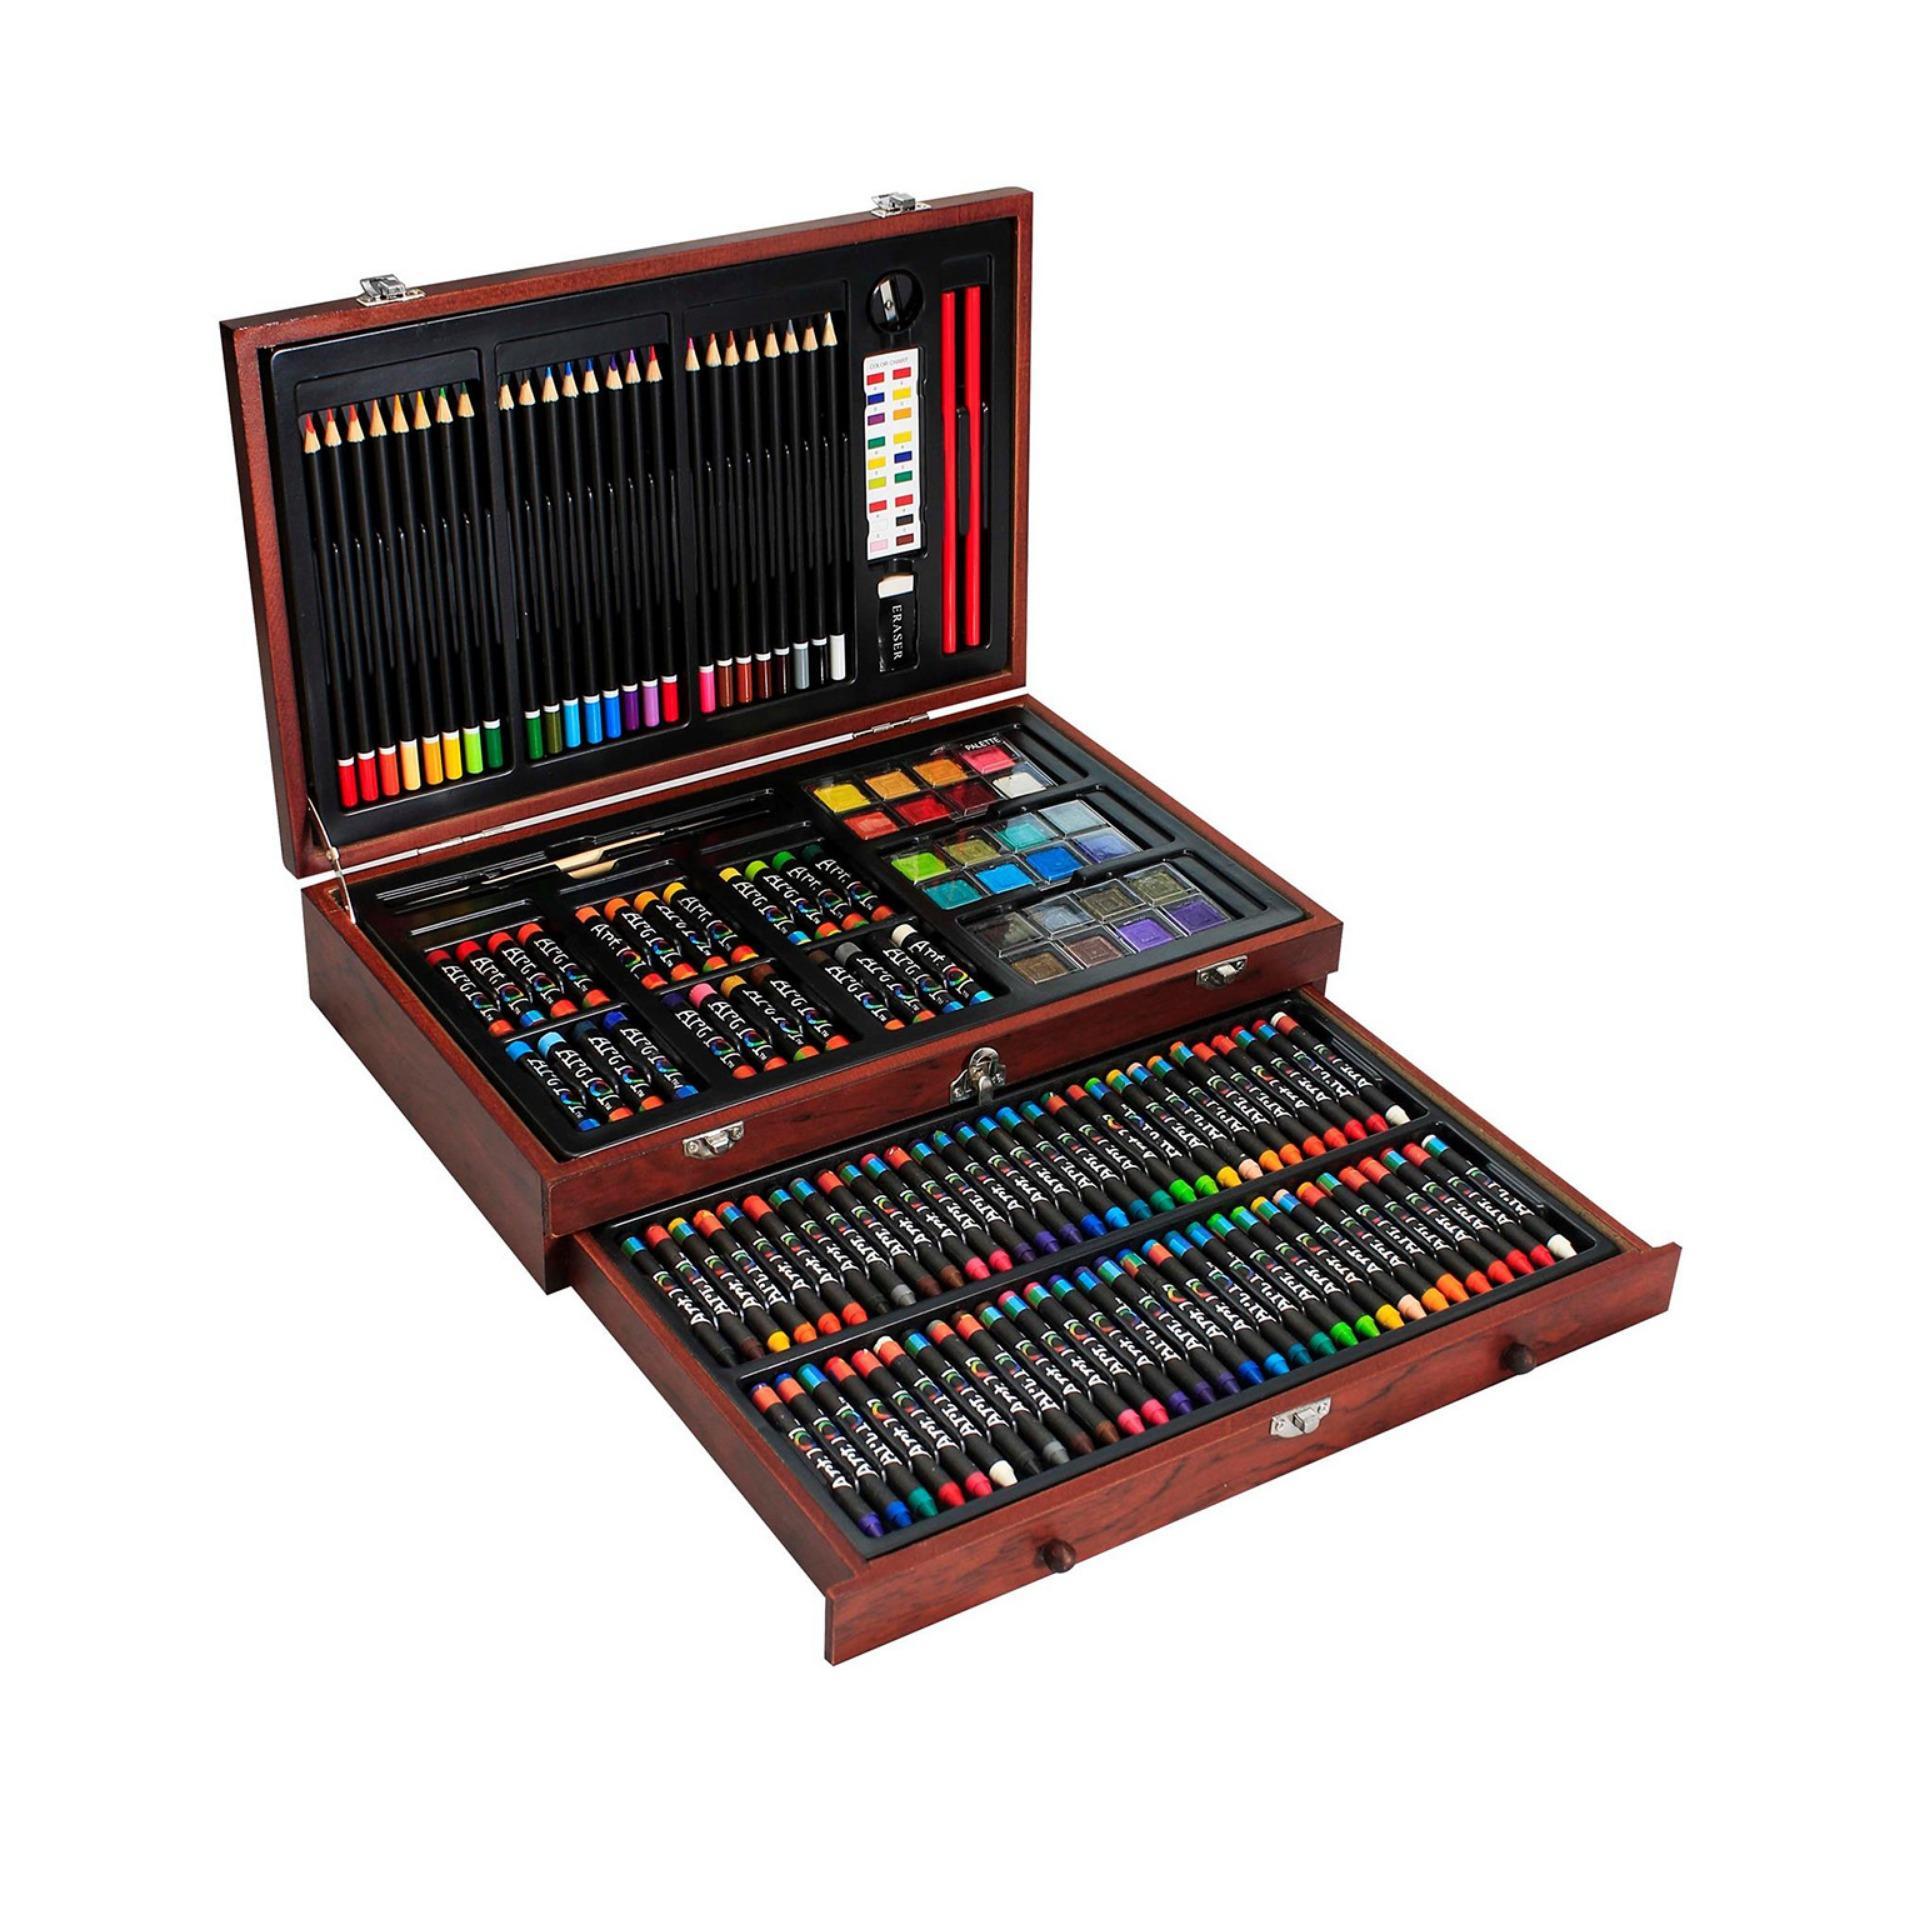 Bộ Màu Vẽ Cao Cấp Hộp Gỗ Colormate MS-142W Siêu Tiết Kiệm